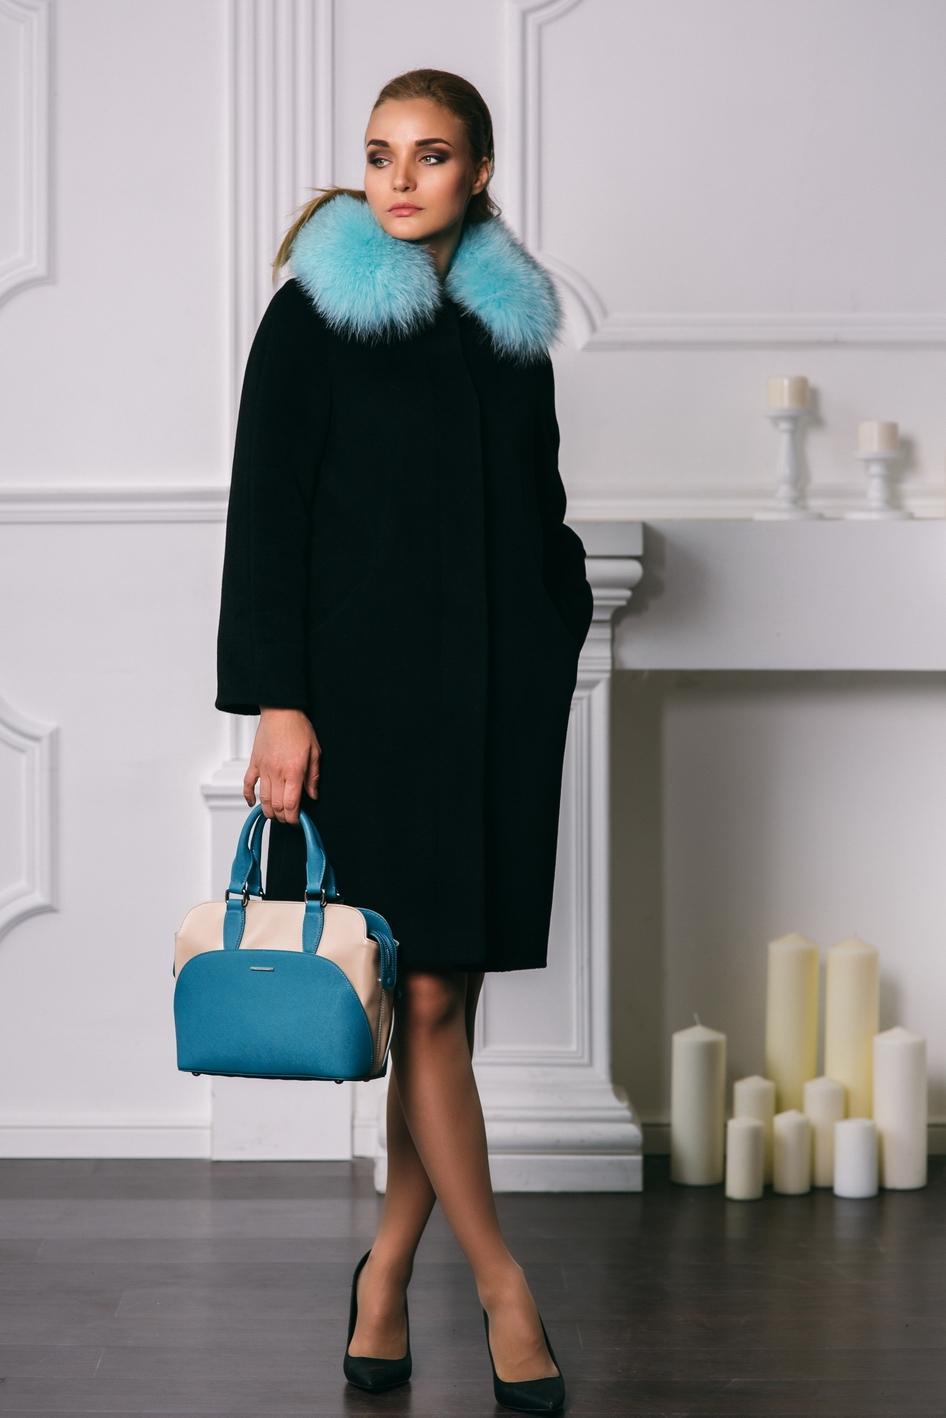 Сбор заказов. Exalta - стильные пальто класса lux по доступной цене. Подготовьтесь к осени заранее. Предзаказ. Галерея